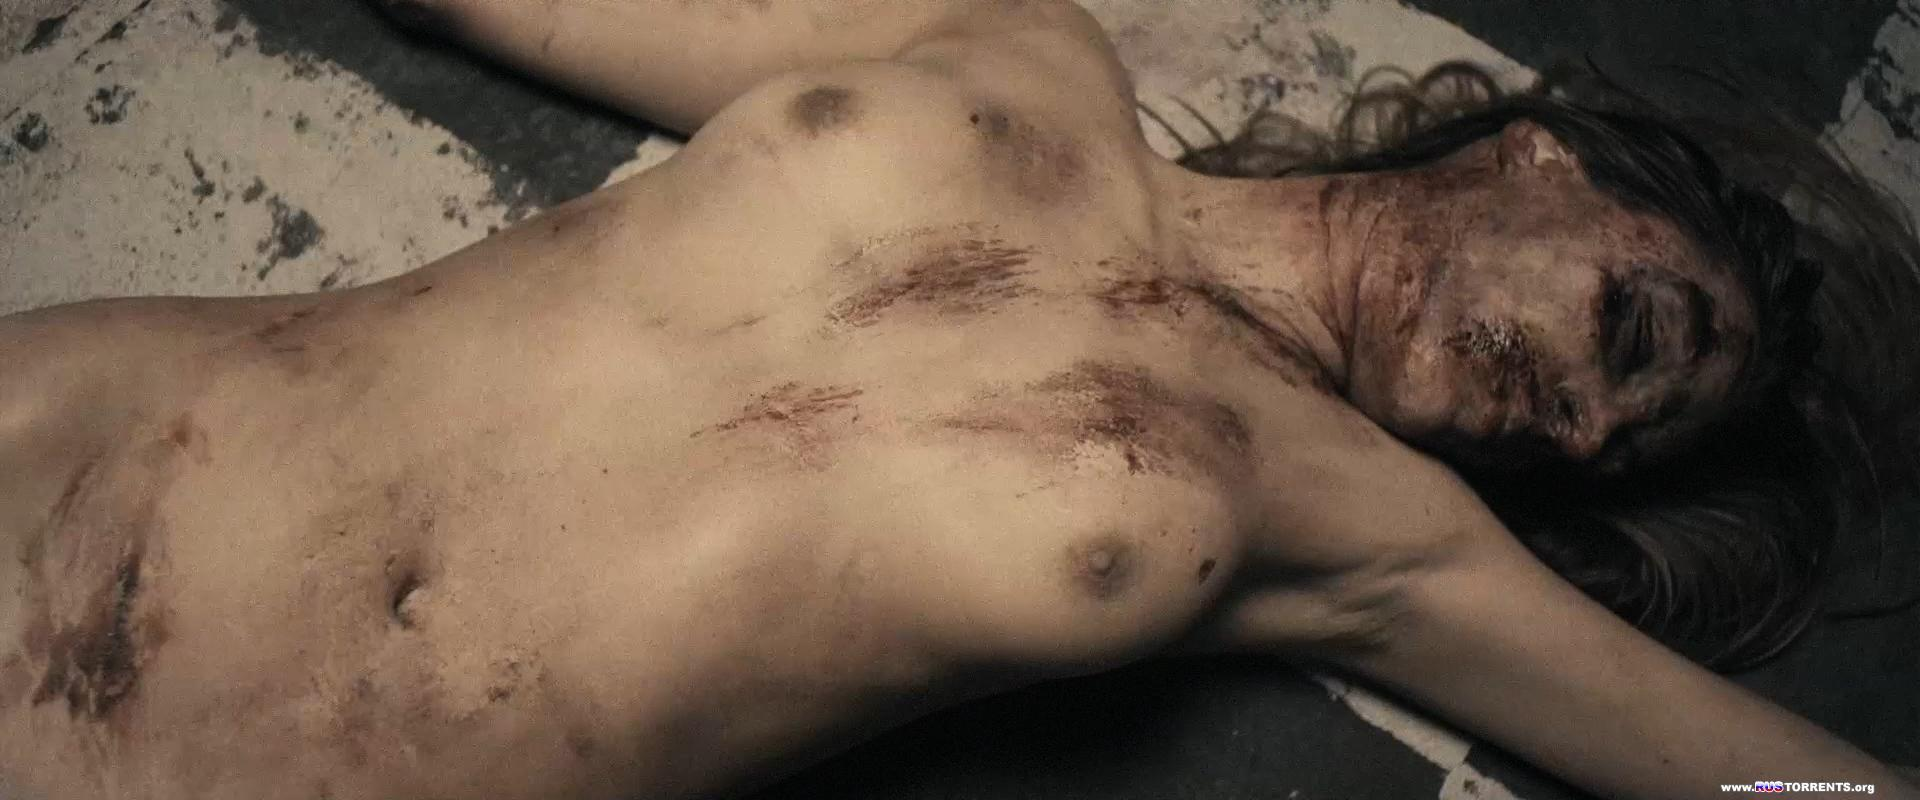 Сербский фильм | BDRip 1080p | A